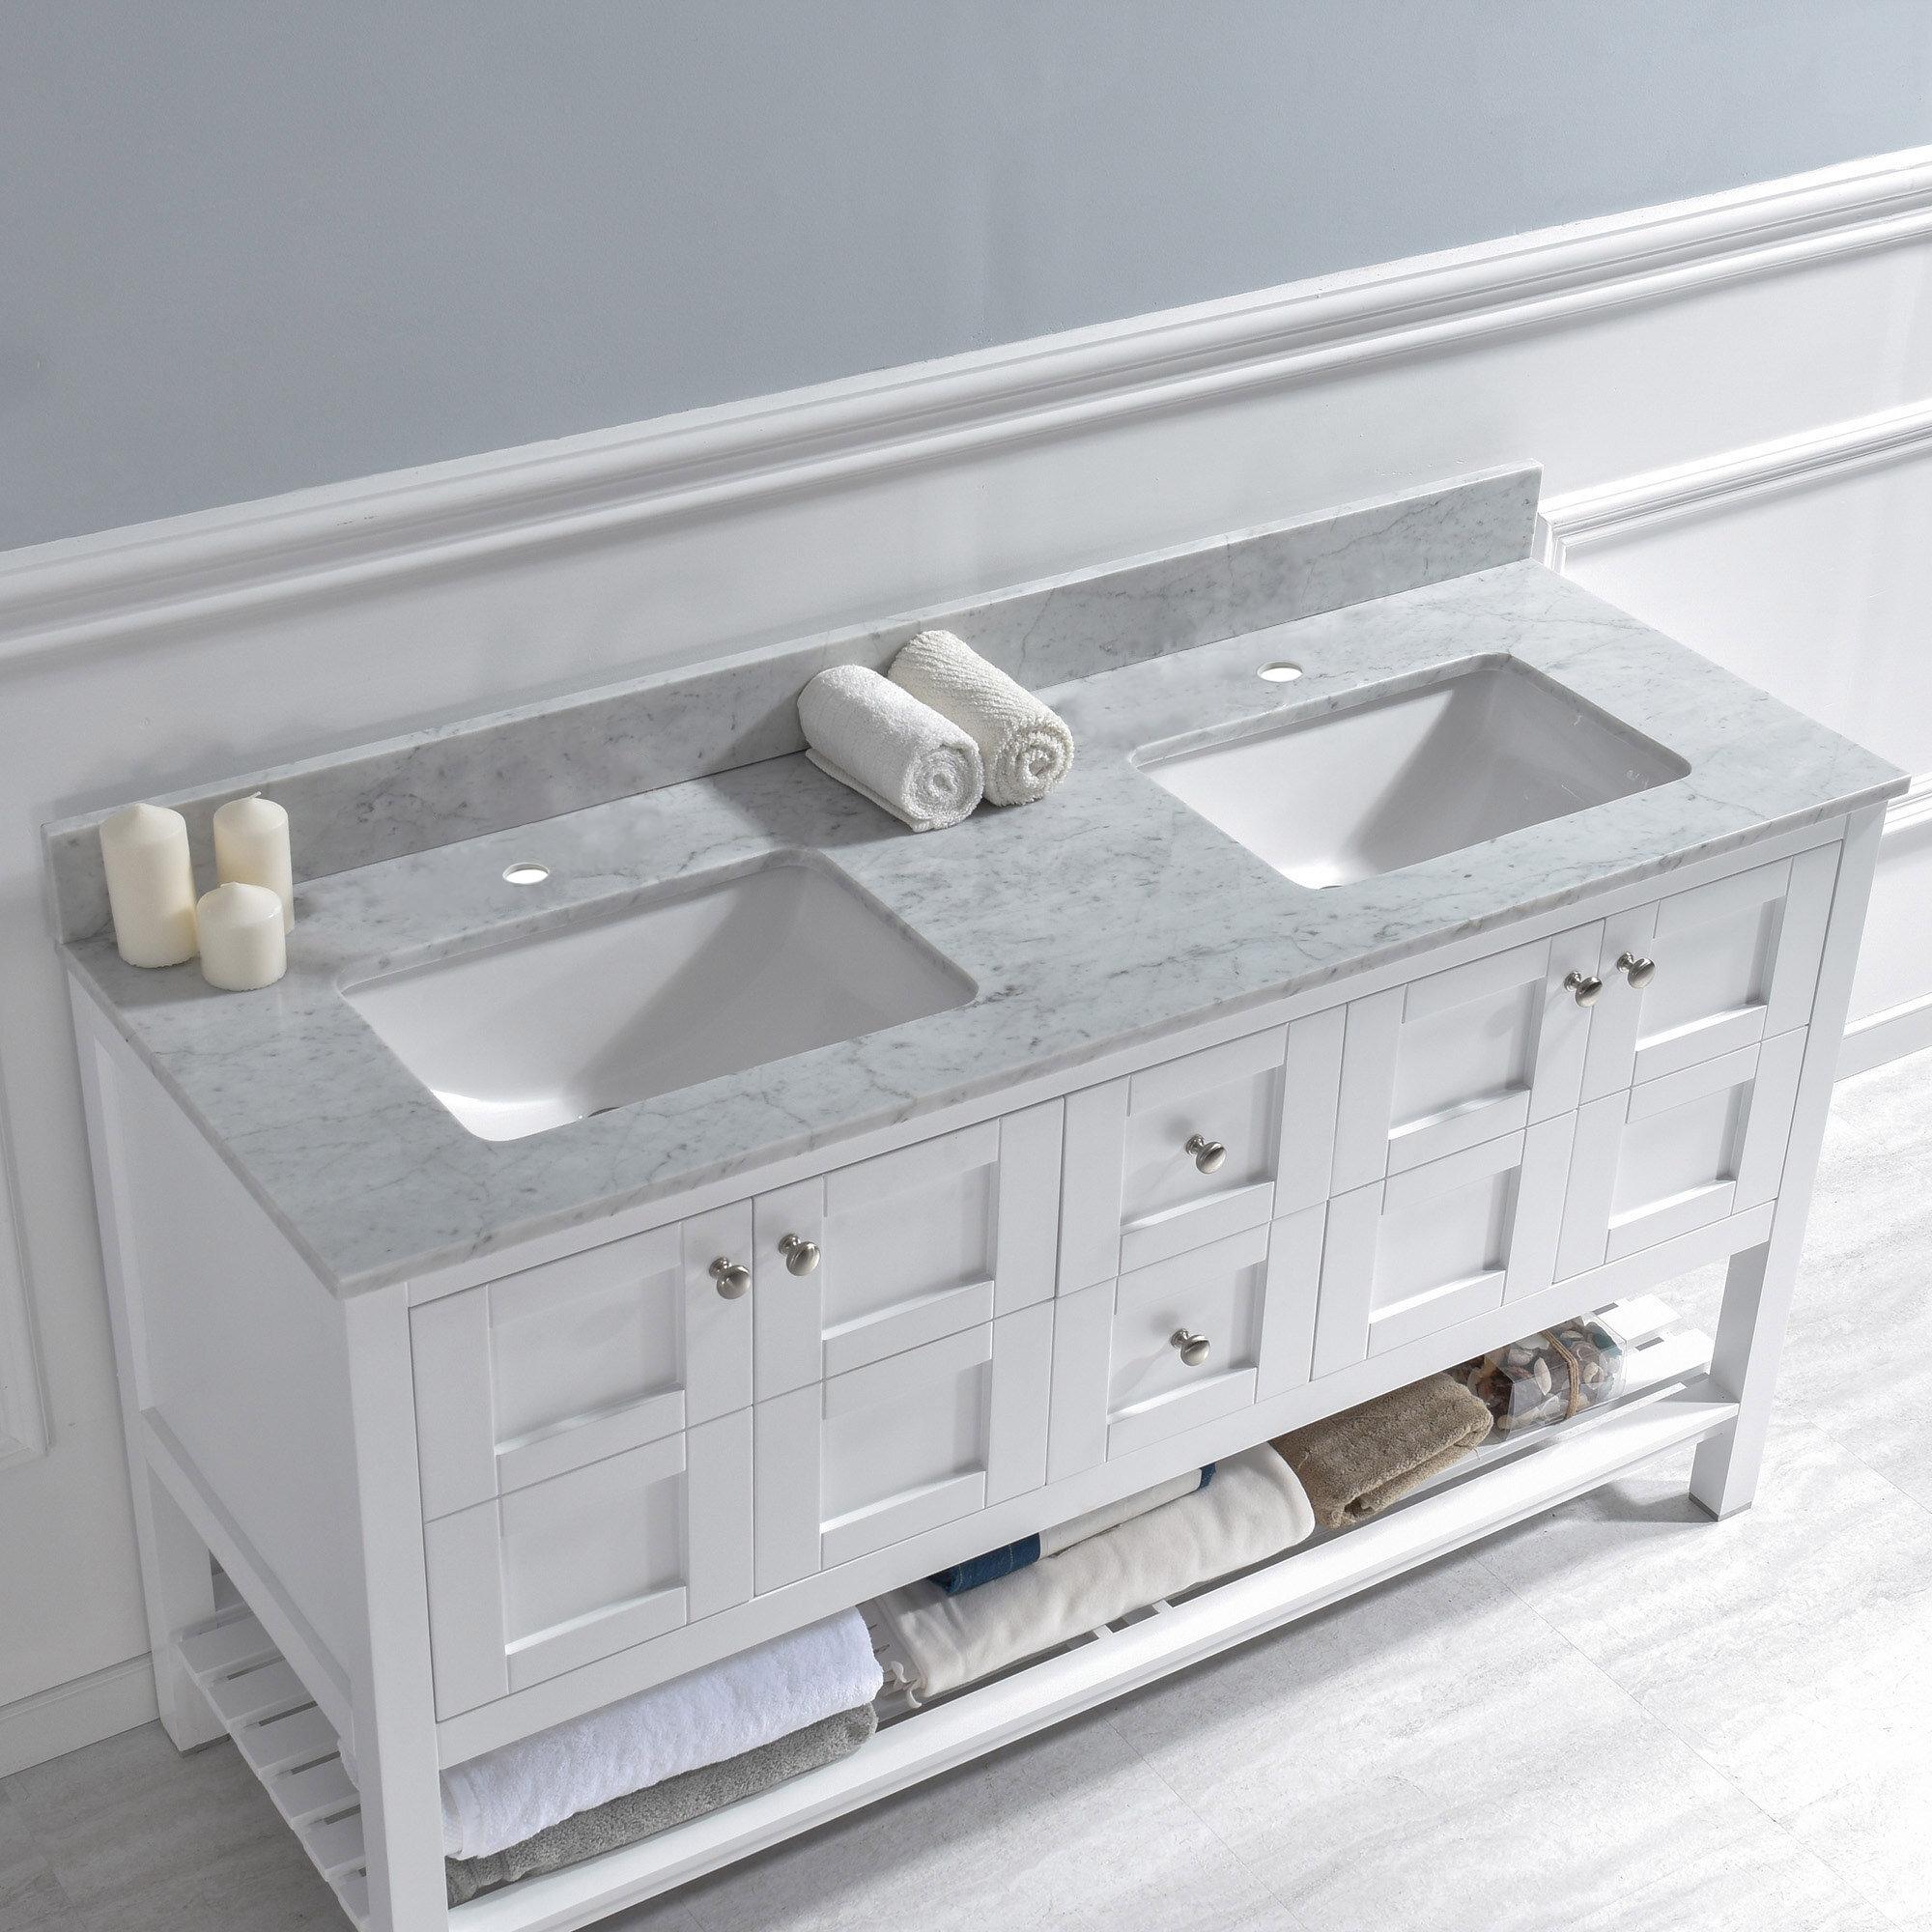 Woodbridge 61 Double Bathroom Vanity Top In Carra White With Sink Reviews Wayfair